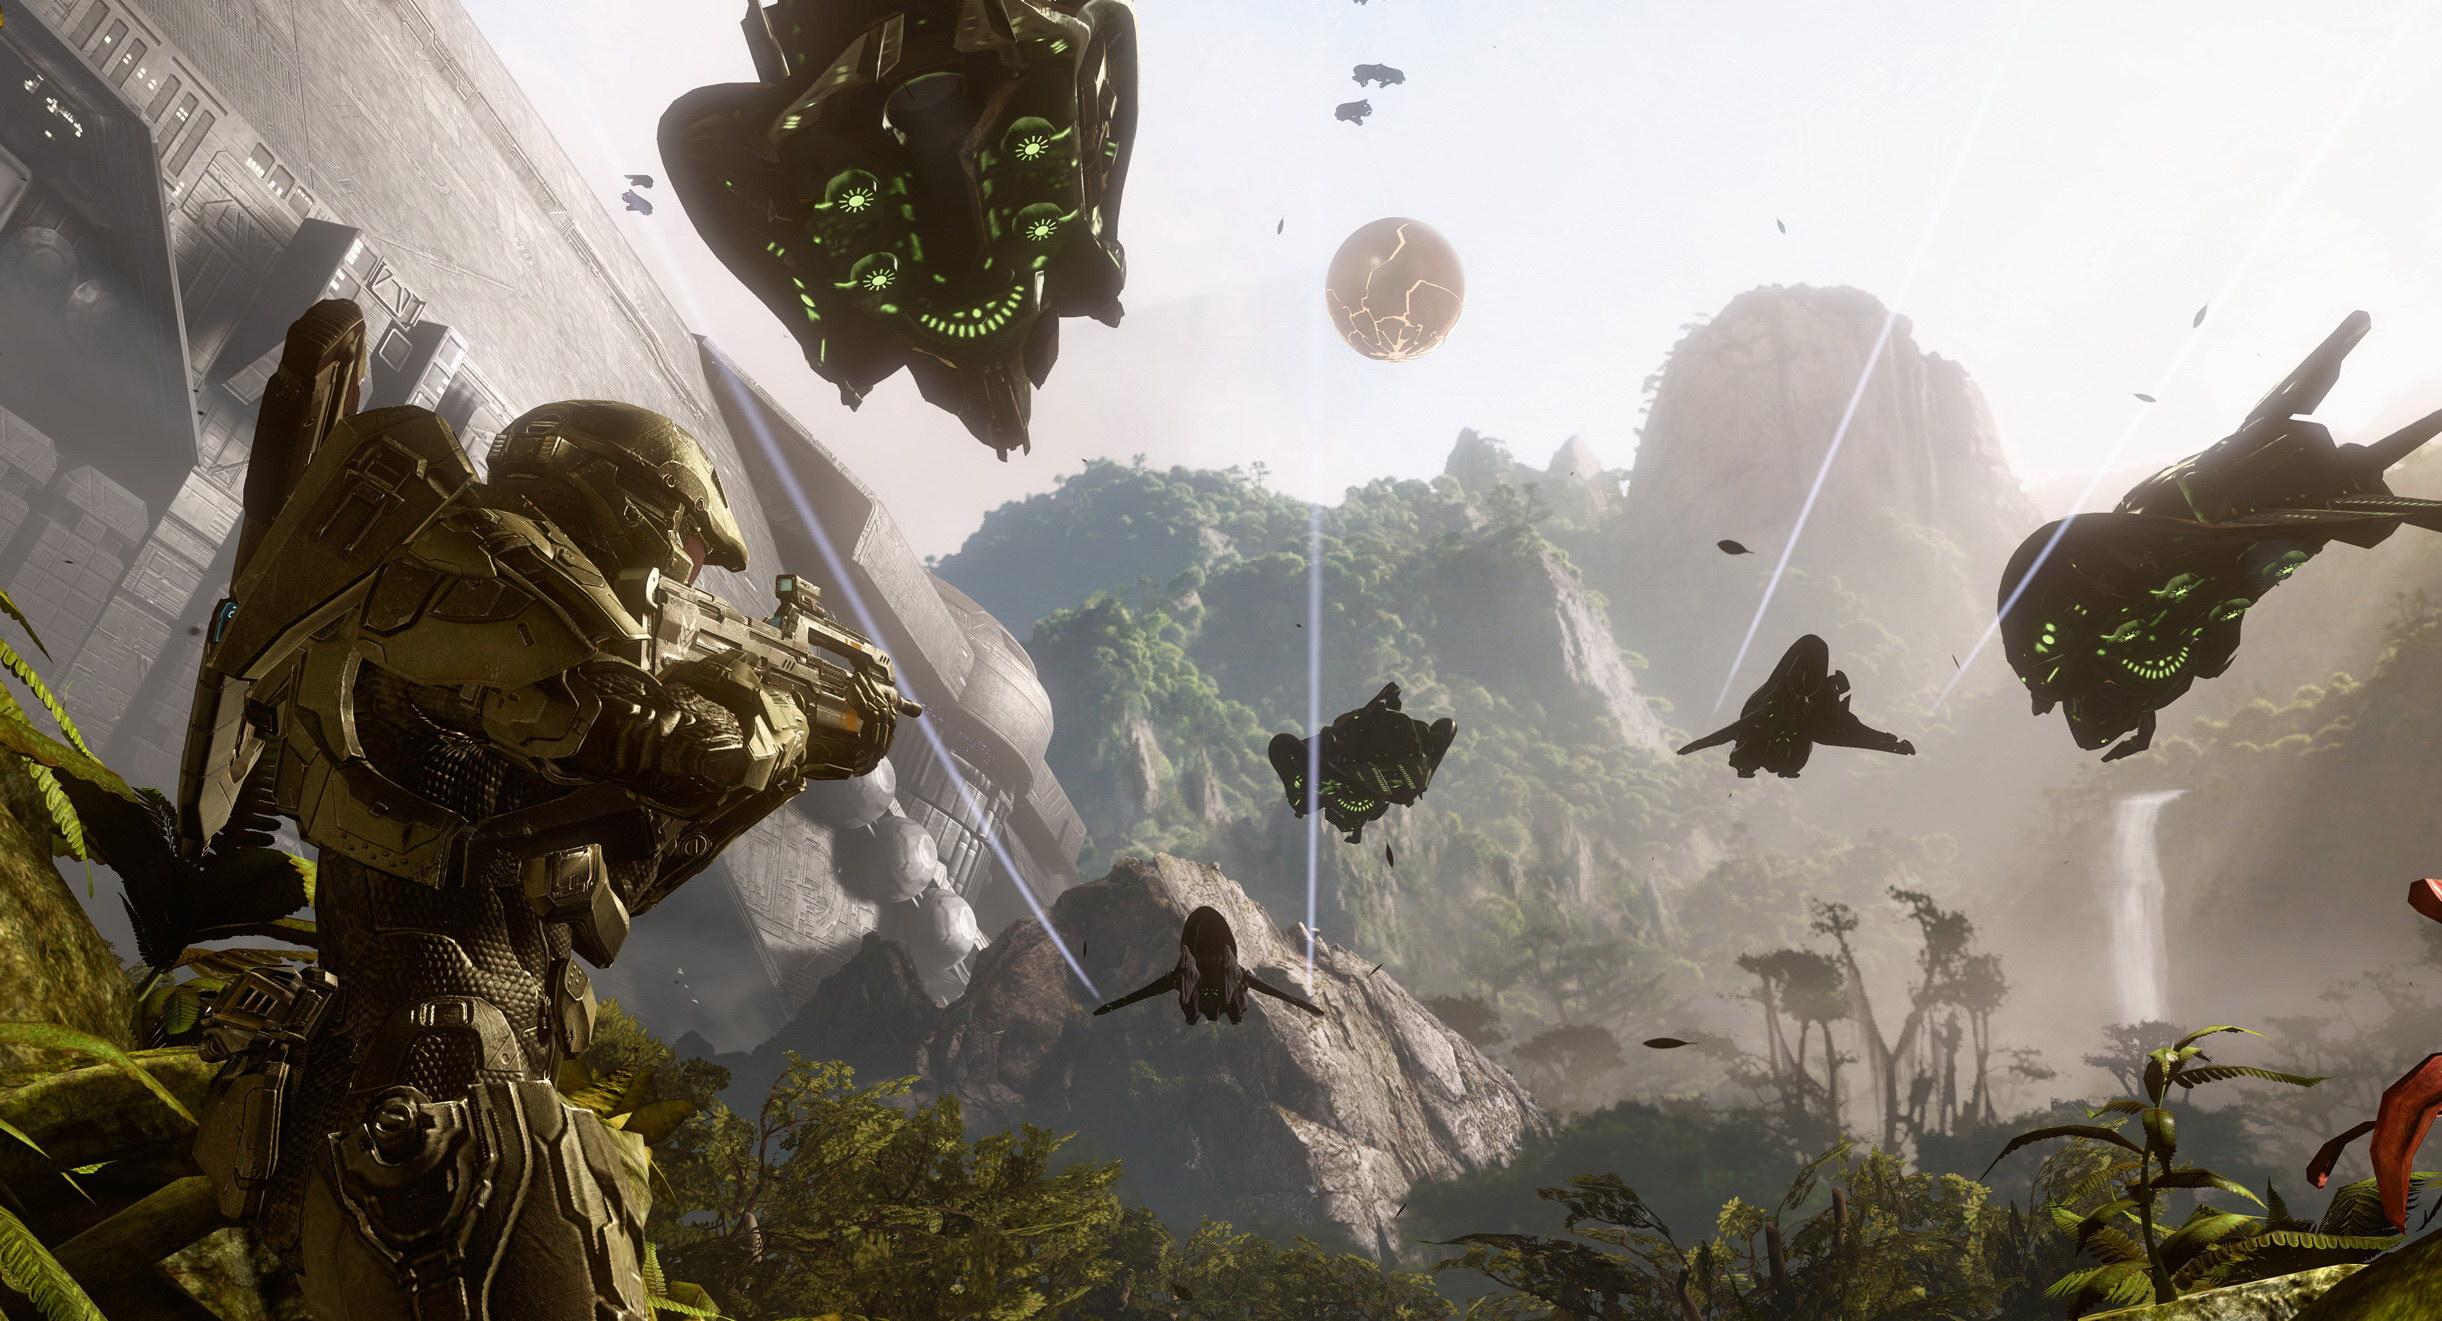 Halo je uvijek imao sjajan gameplay ali sada napokon ima i grafiku koja sve to prati (kliknite za veću sliku).